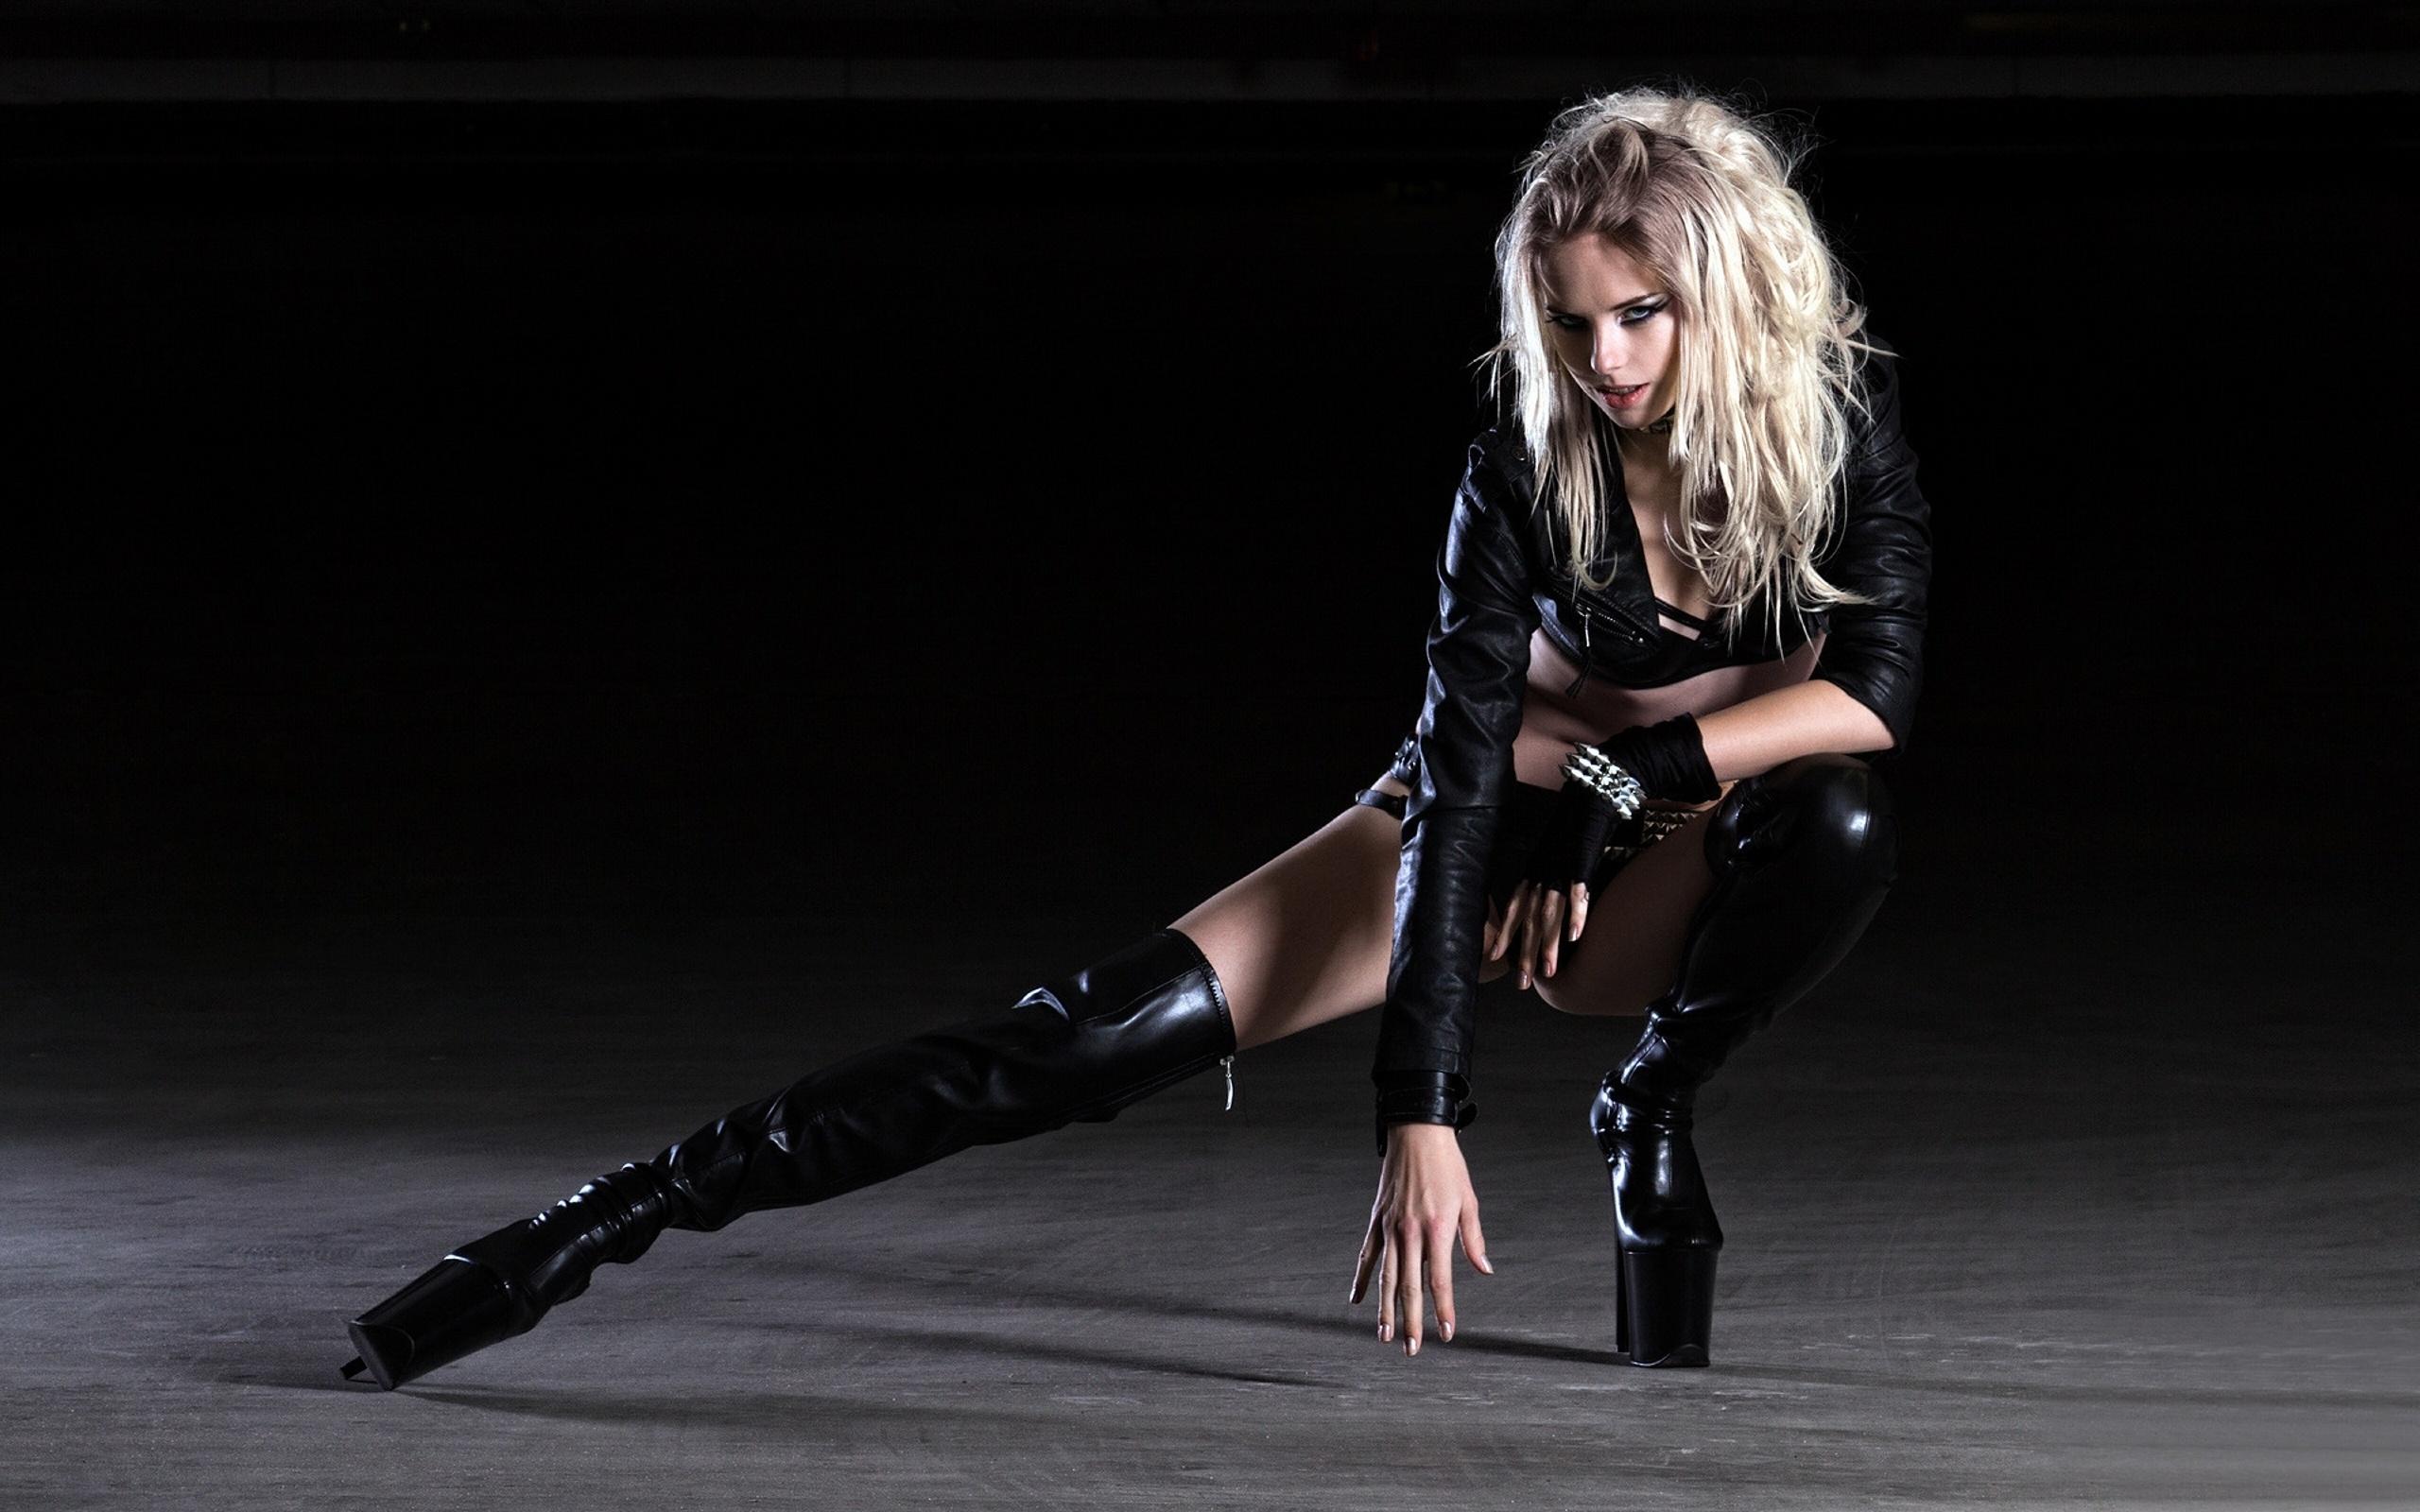 Фото блондинки в черном костюме 7 фотография